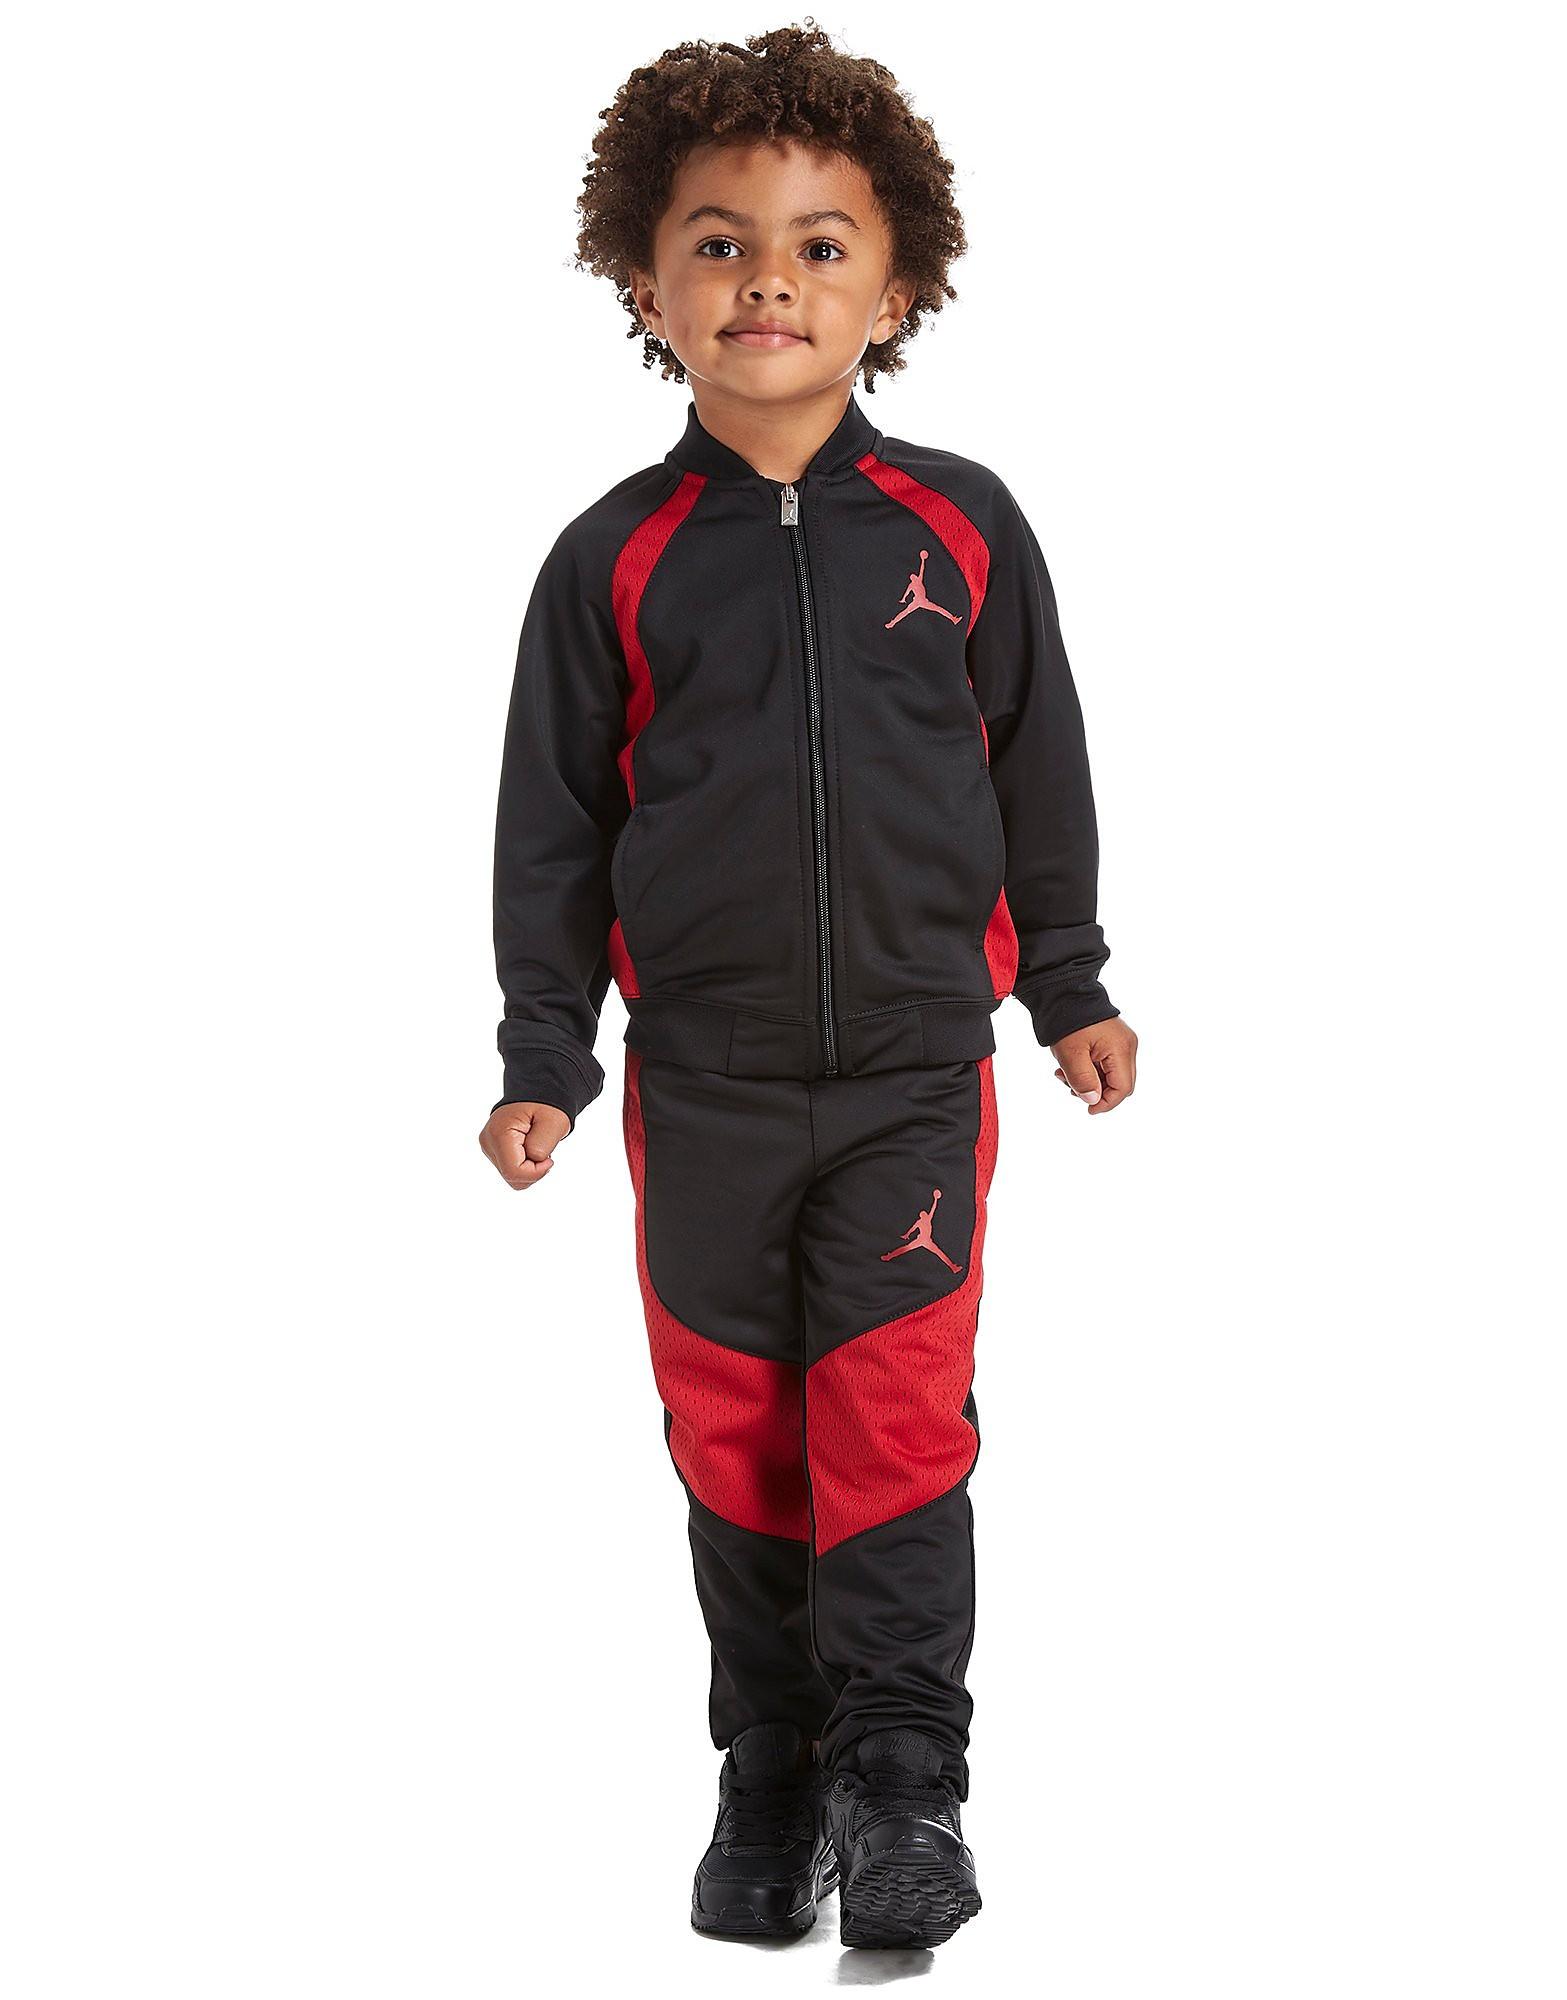 Jordan Air Jordan Tracksuit Children